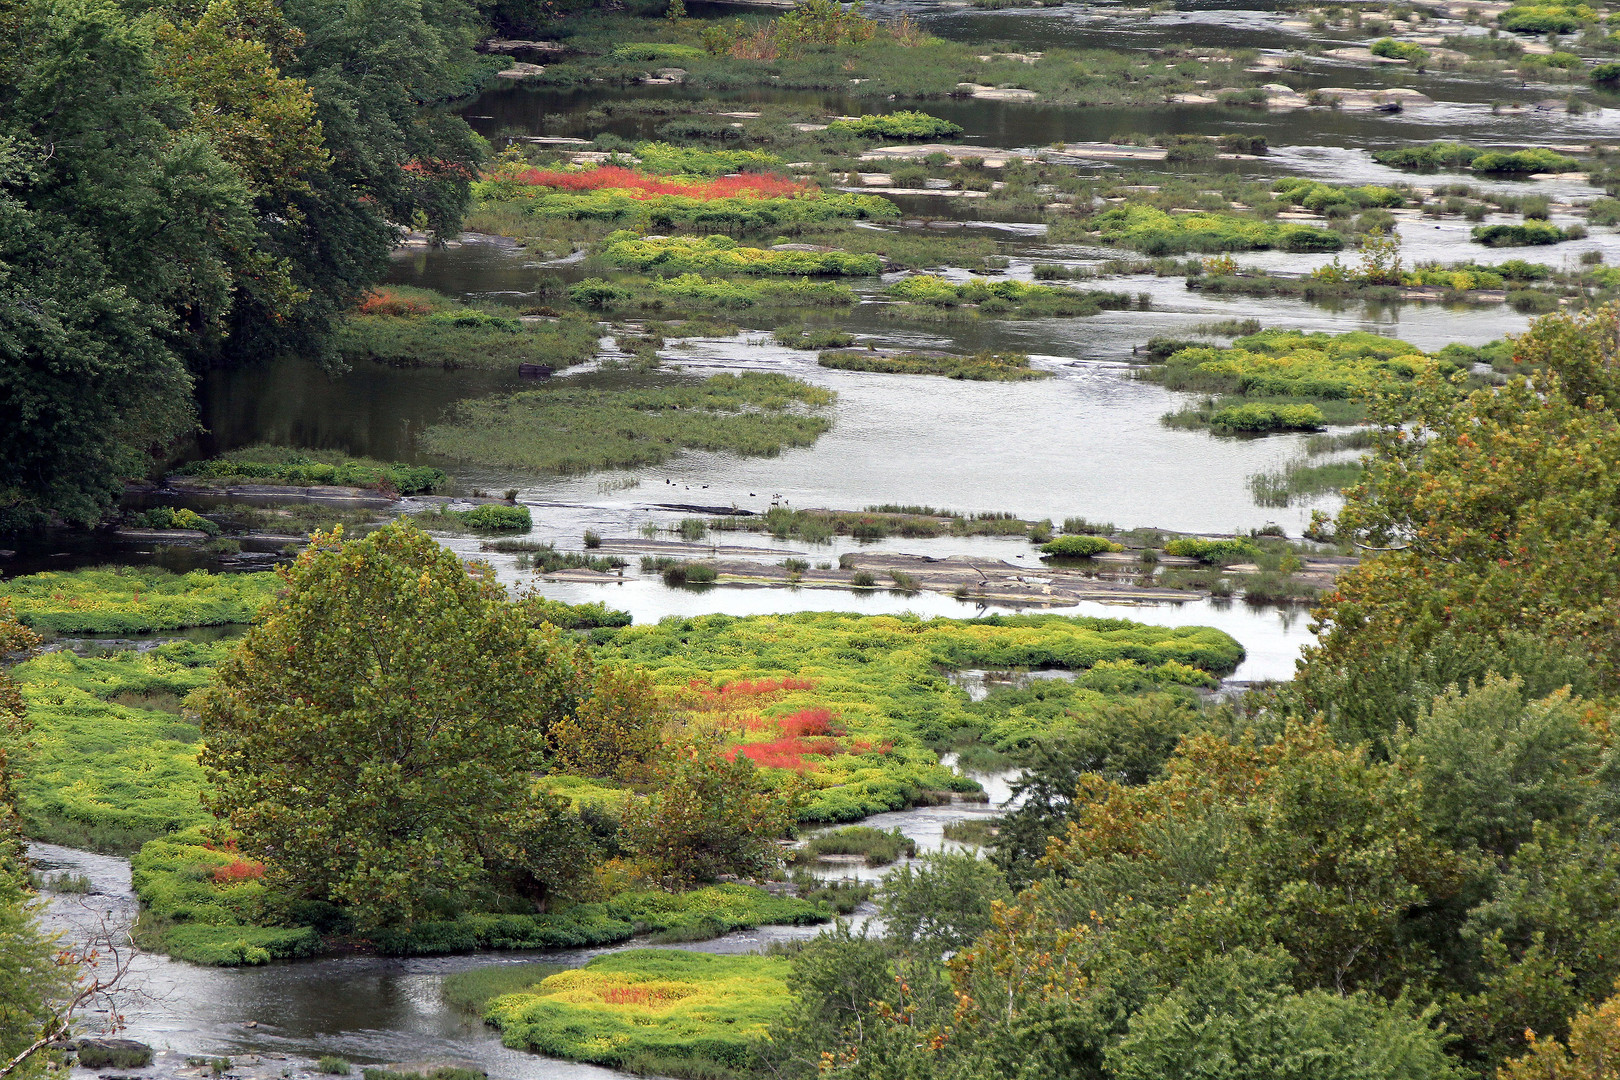 Blick vom Outlook von Harpers Ferry 800m ü.N. auf den Potomac River,